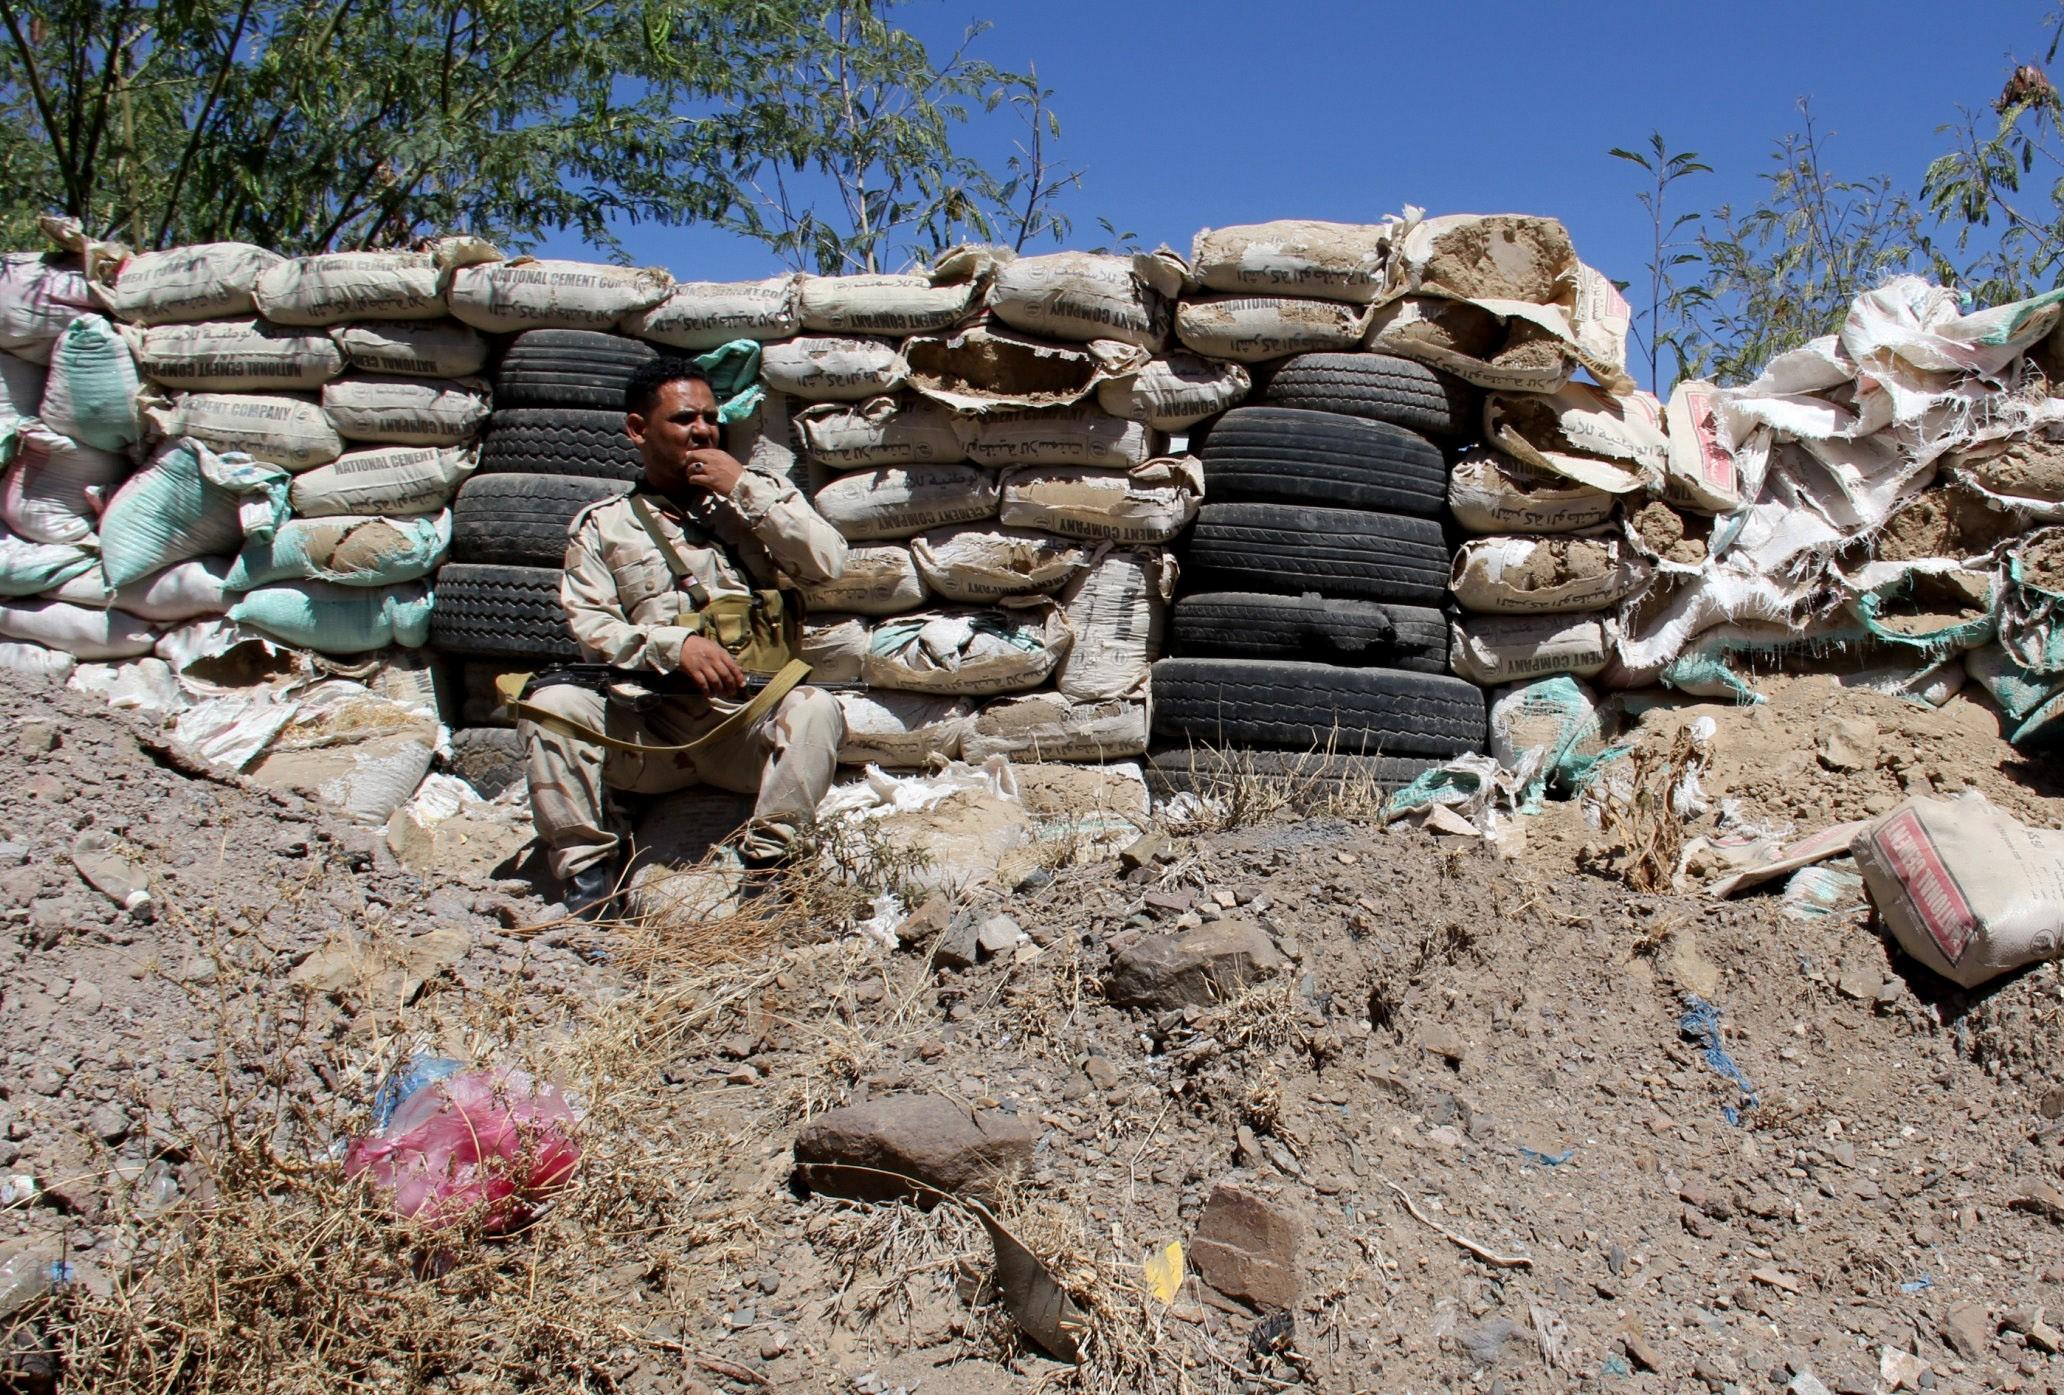 ONU adverte que Iêmen pode se tornar 'Estado inviável'